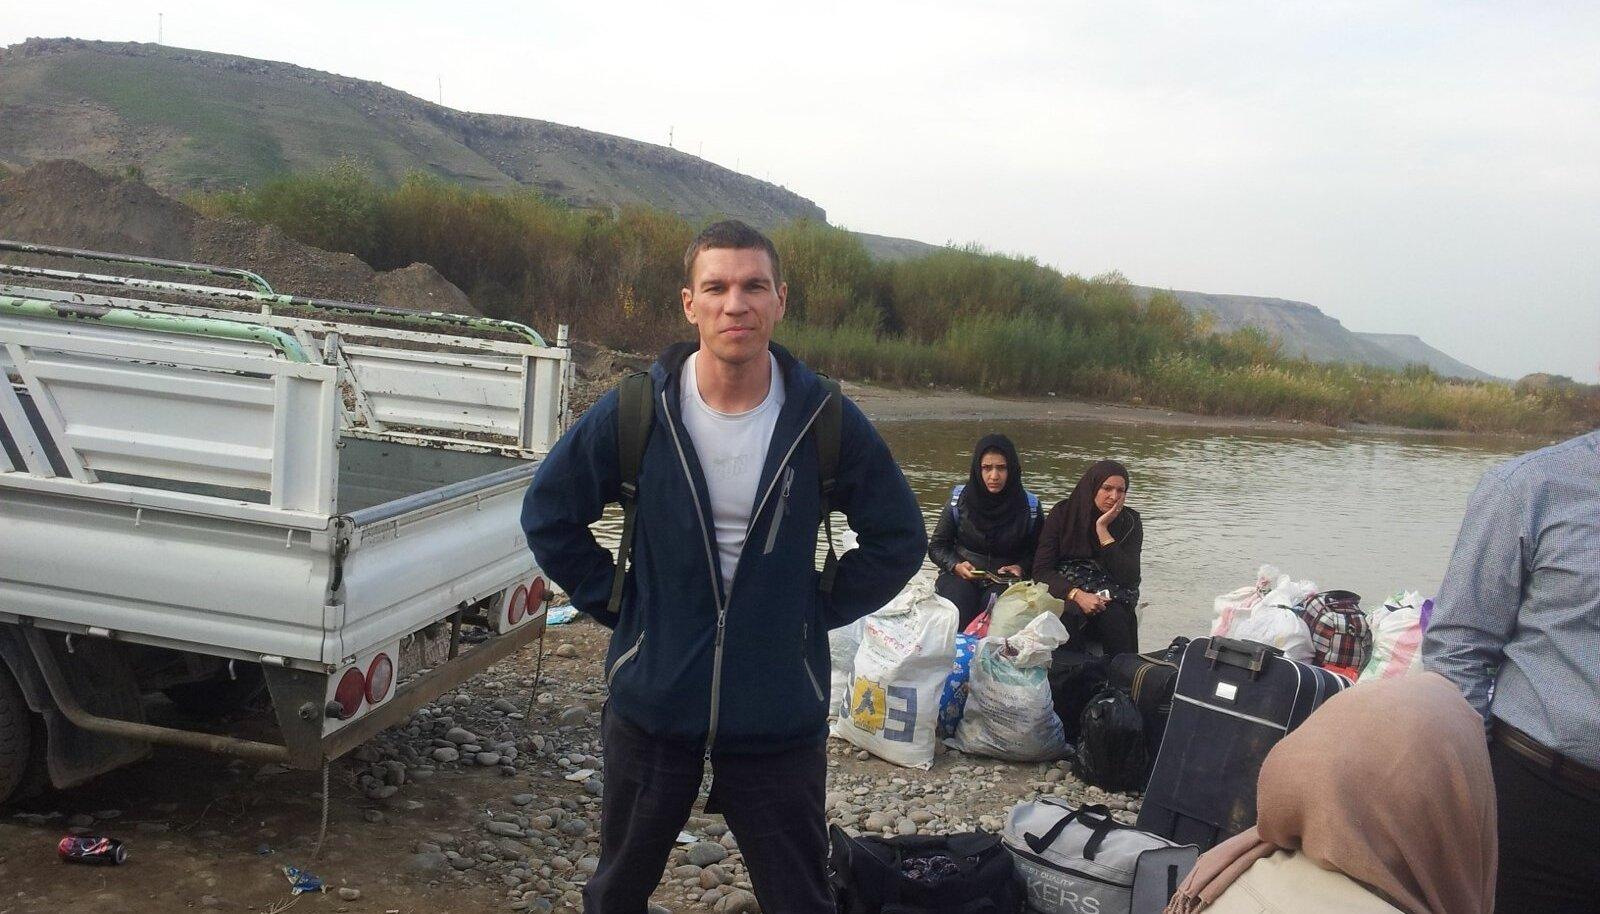 Jalakäijatel tuleb Iraagi ja Süüria piirijõgi paadiga ületada. Iraak on juba loo autori selja taga.